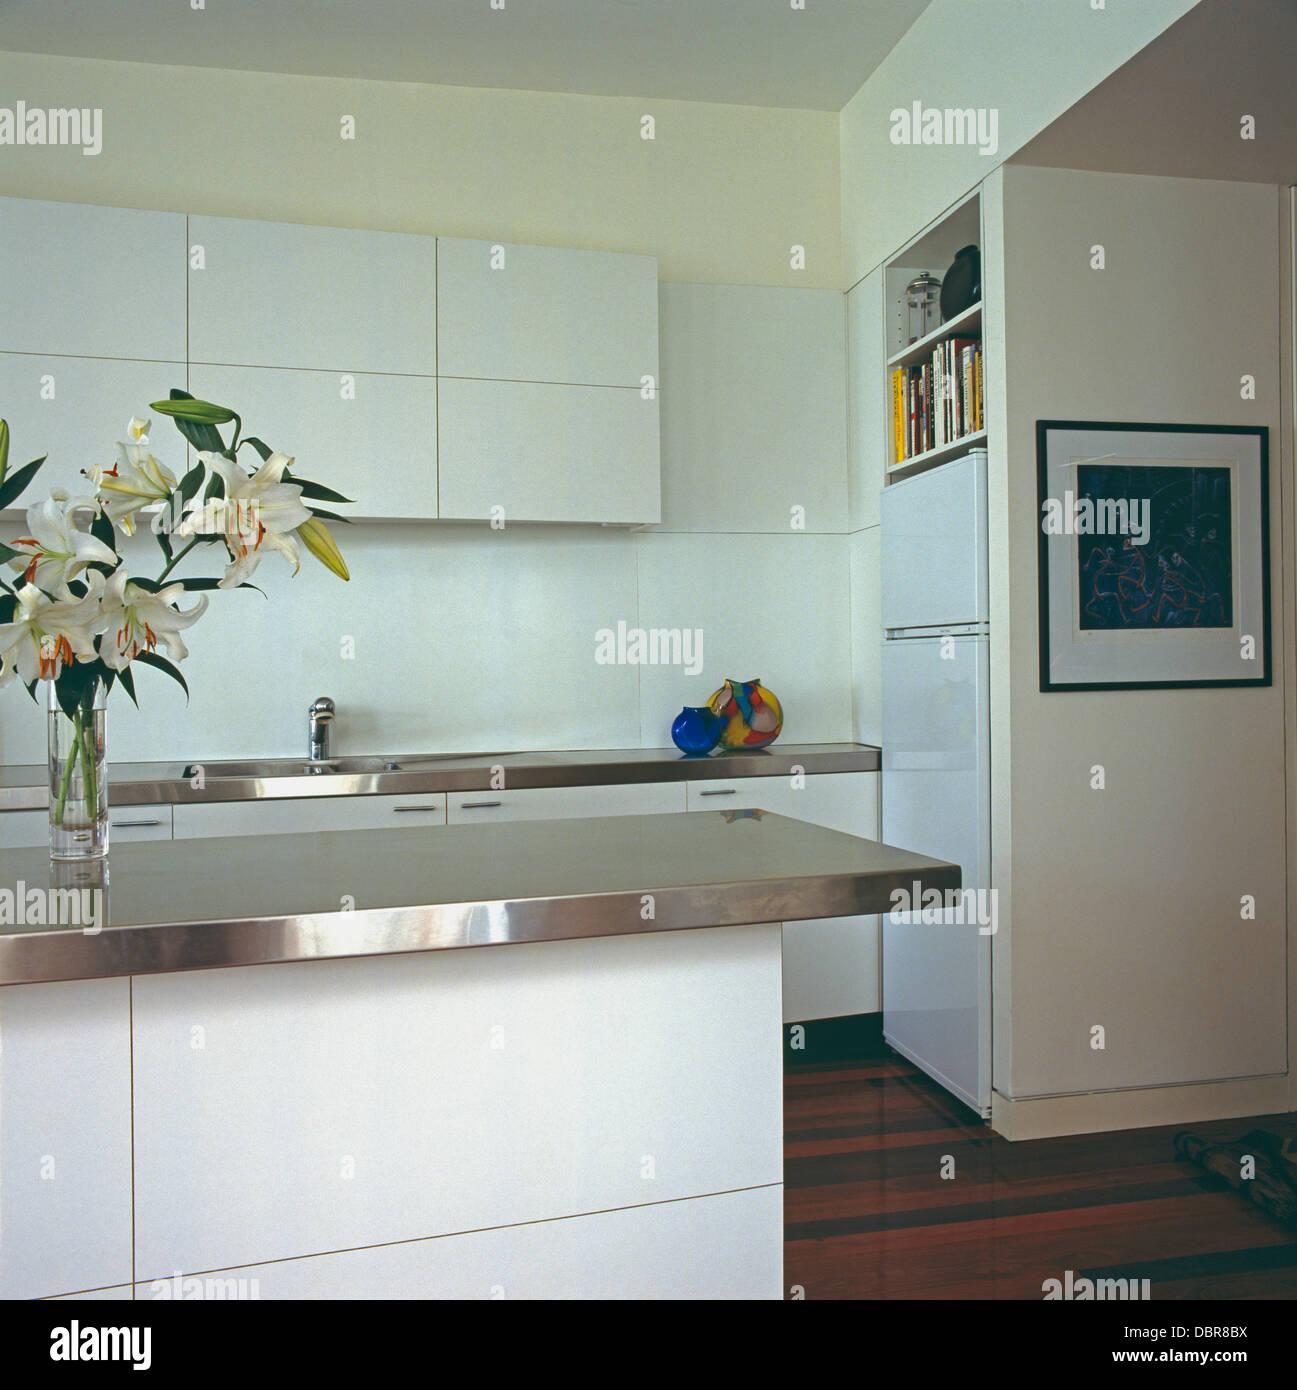 Stainless steel worktop on island unit in modern white urban kitchen ...